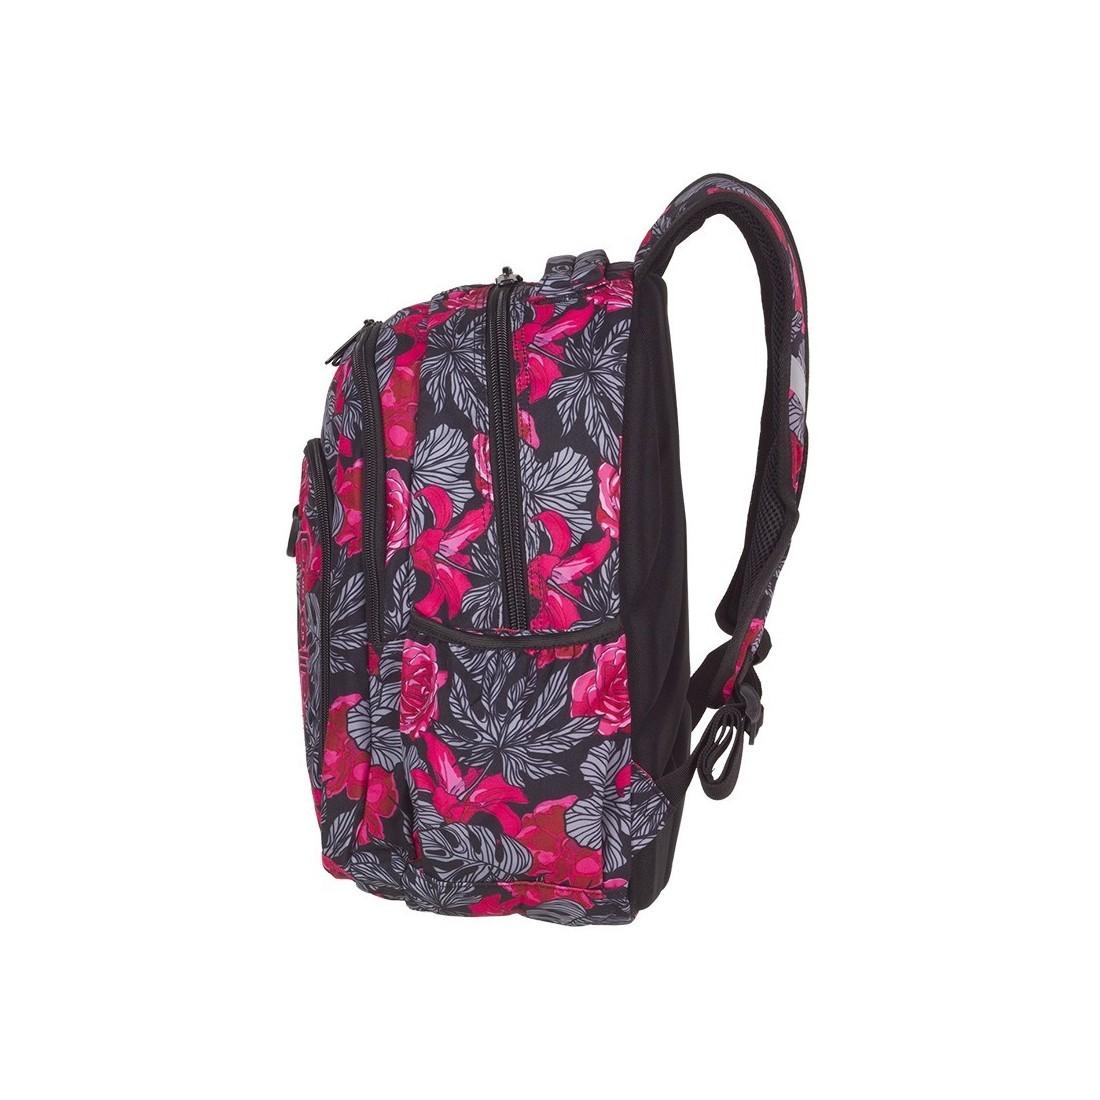 897d4bc7fccfd ... Plecak szkolny CoolPack CP STRIKE RED & BLACK FLOWERS czerwone  hiszpańskie róże - A241 + GRATIS ...